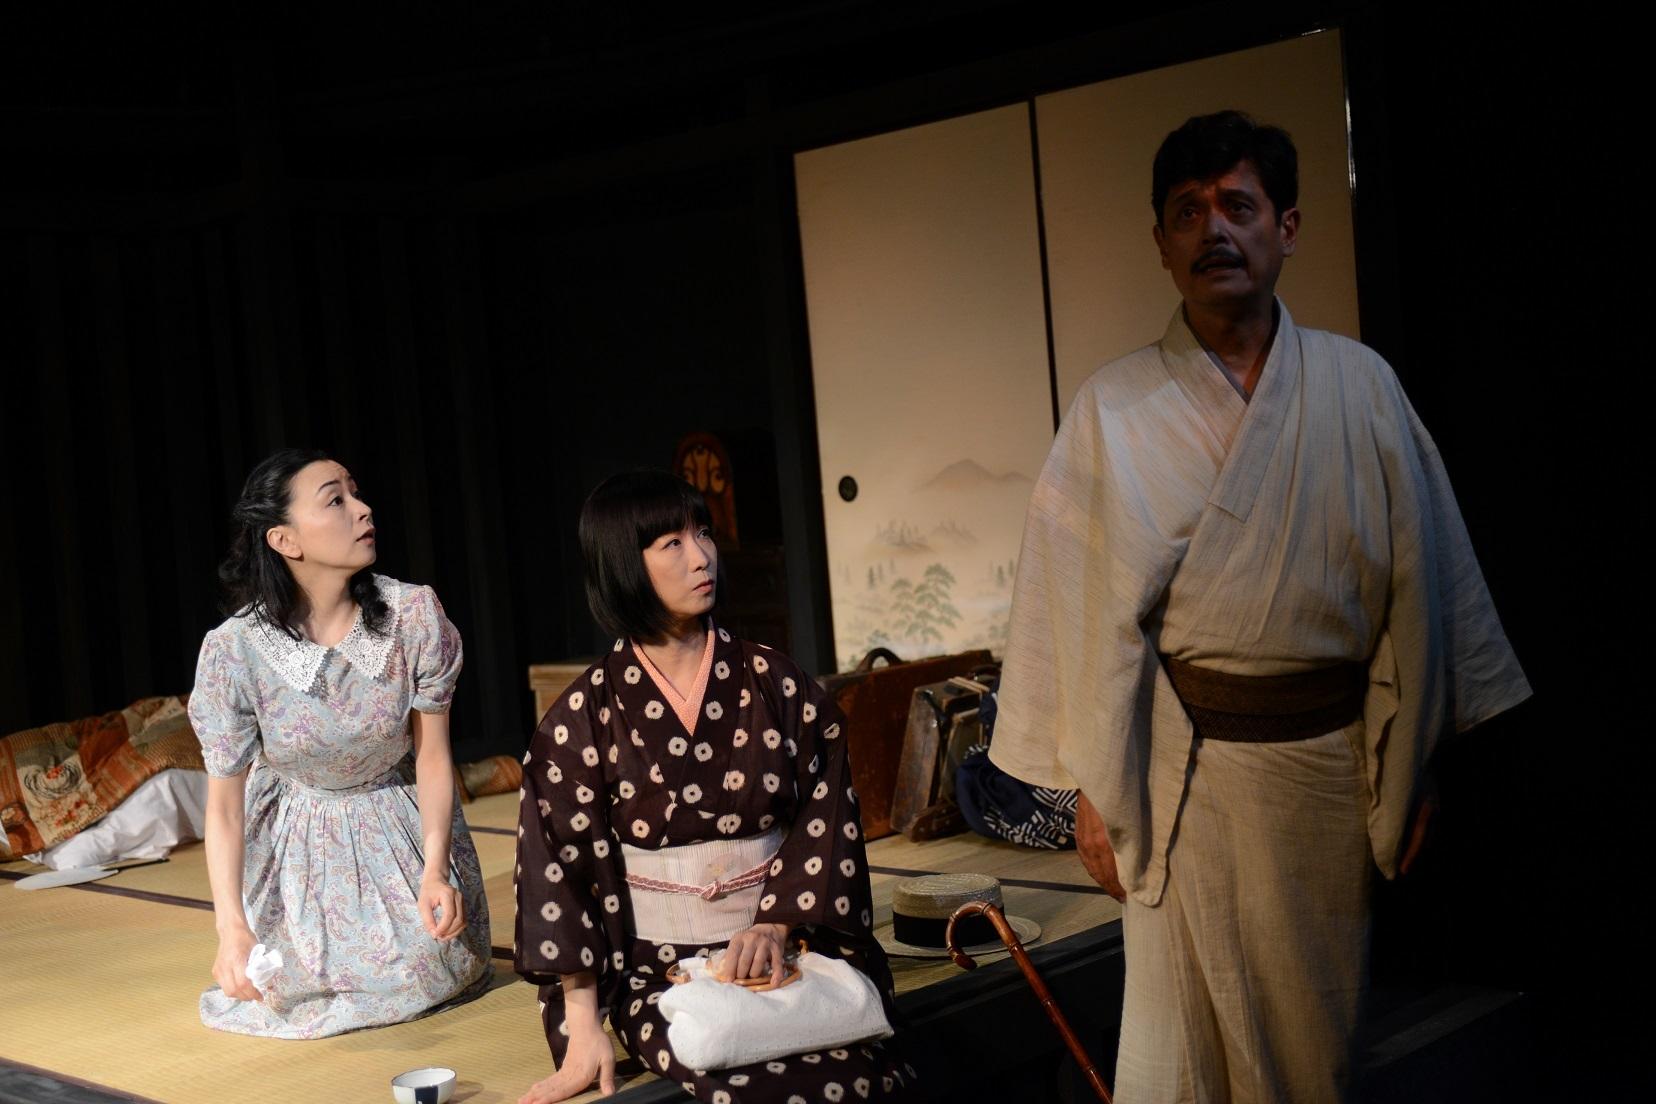 西瓜糖 第1回公演「いんげん」